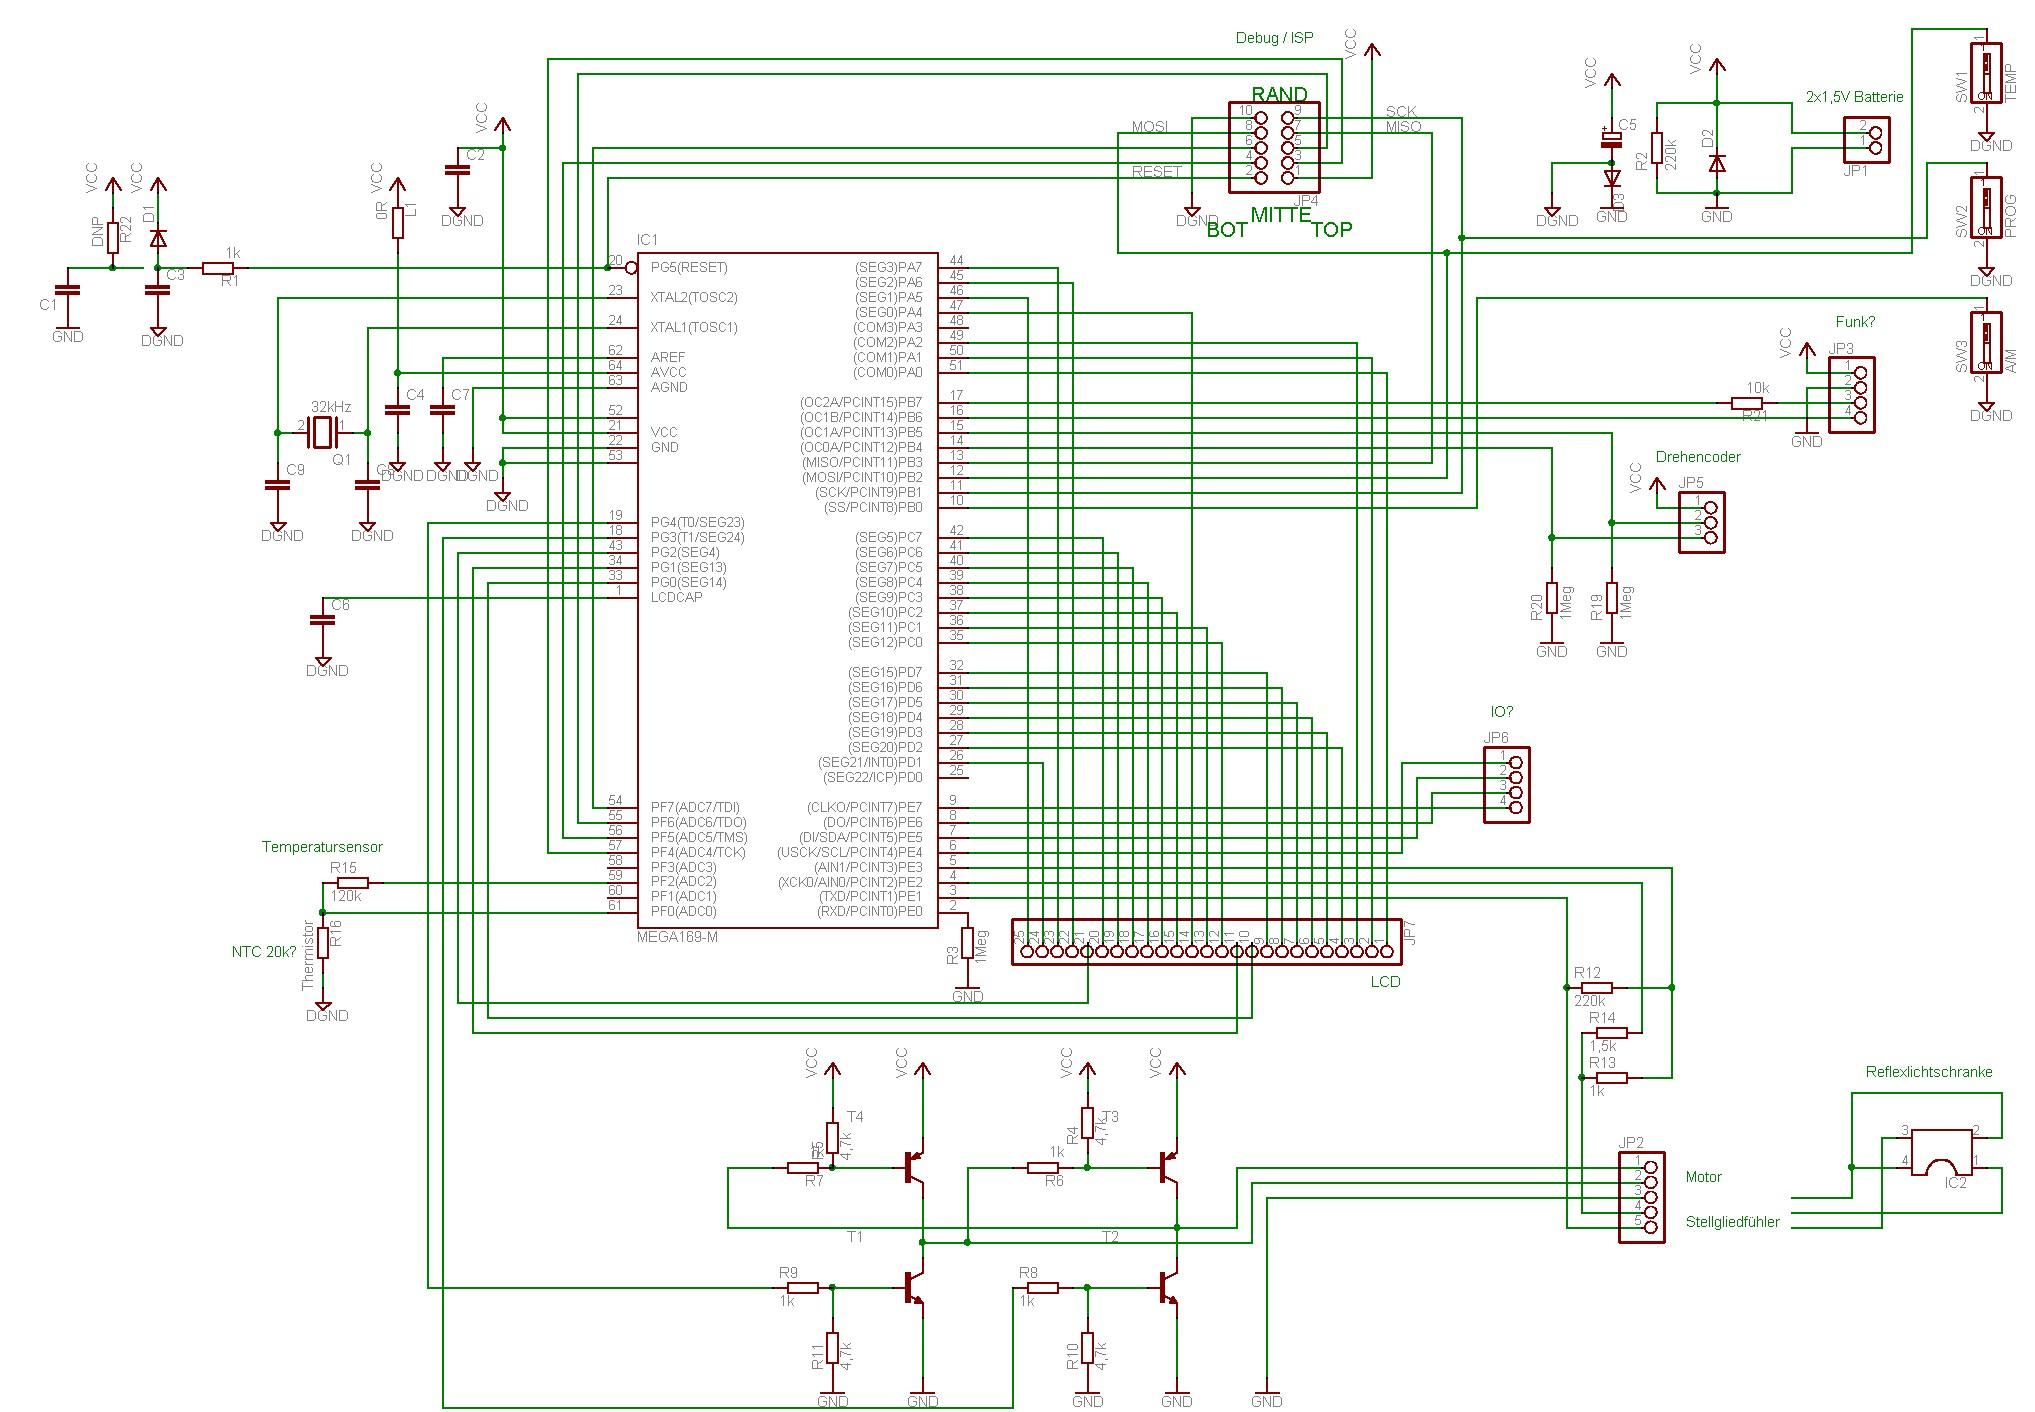 Diagram Of Radiator System Openhr20 Firmware for Honeywell Rondostat Hr20e Embdev Of Diagram Of Radiator System